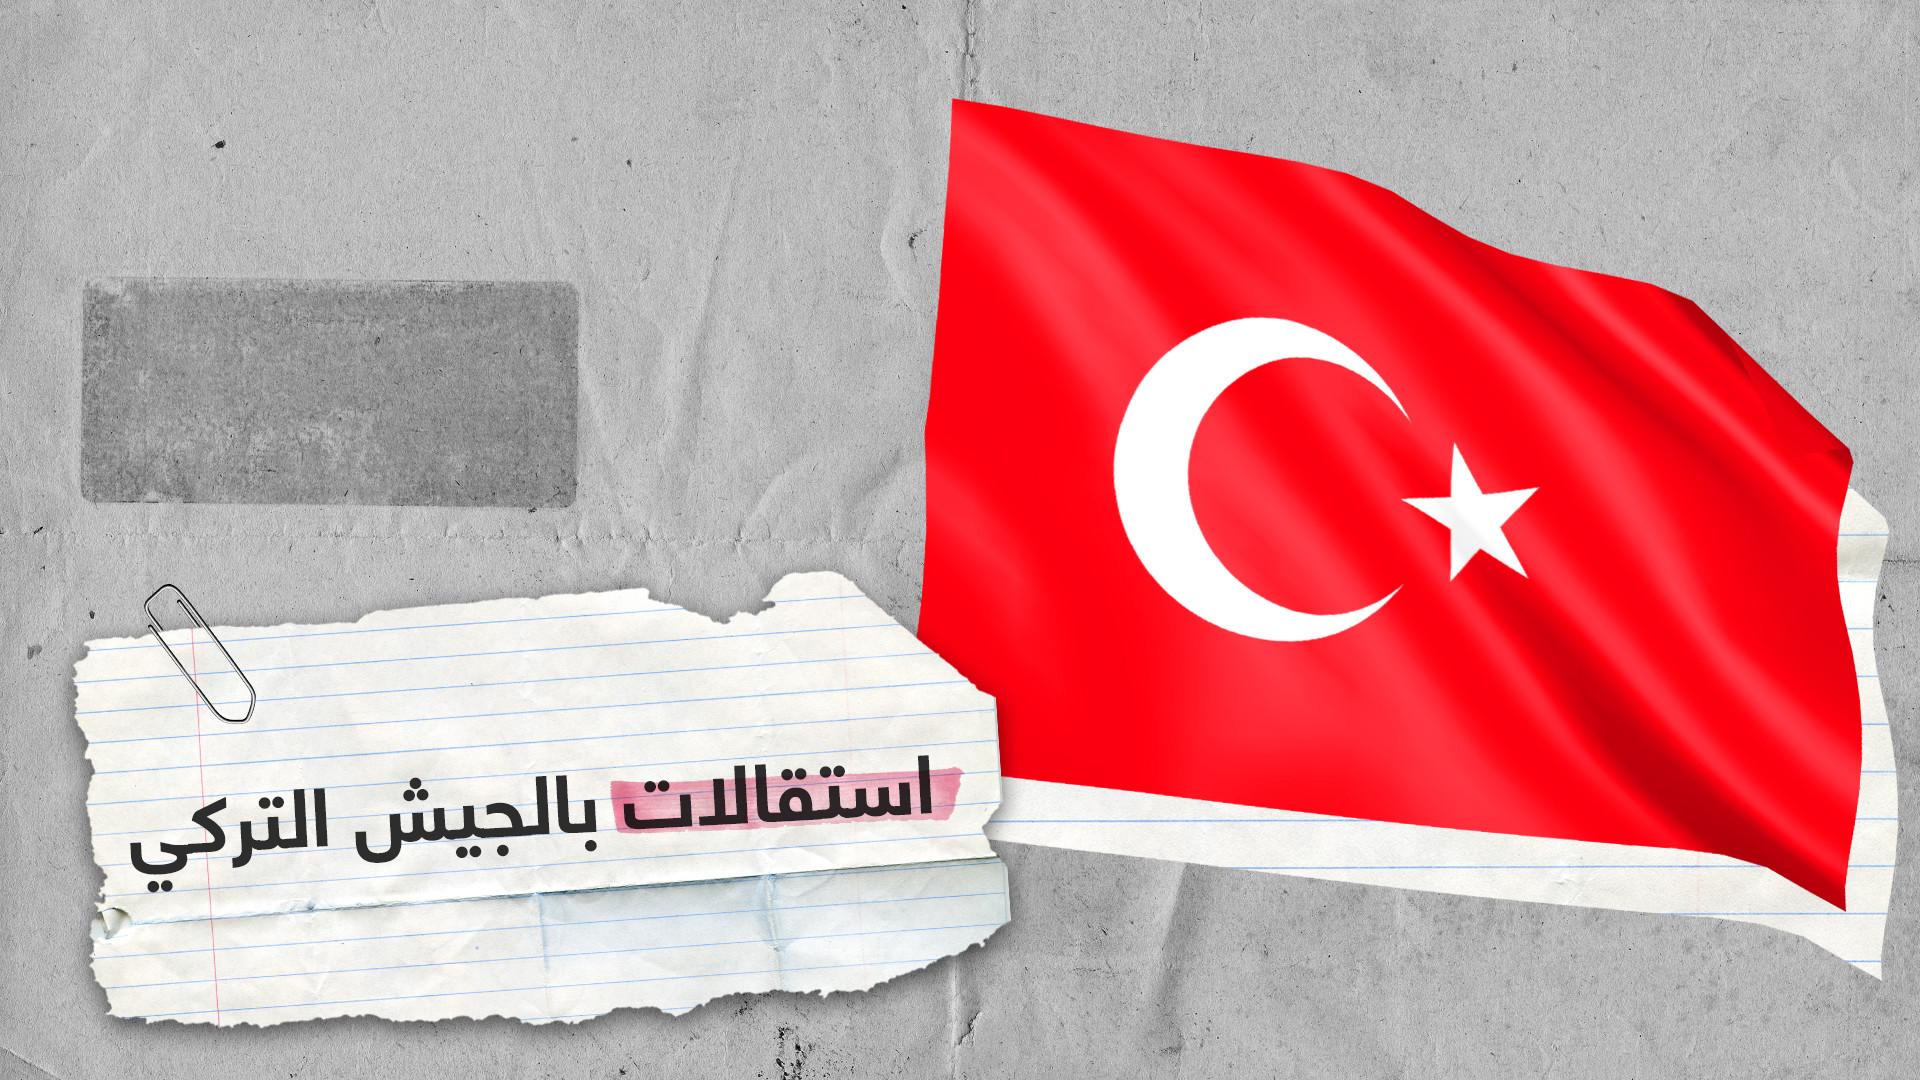 استقالات الجيش التركي.. ماذا يدور في الكواليس؟